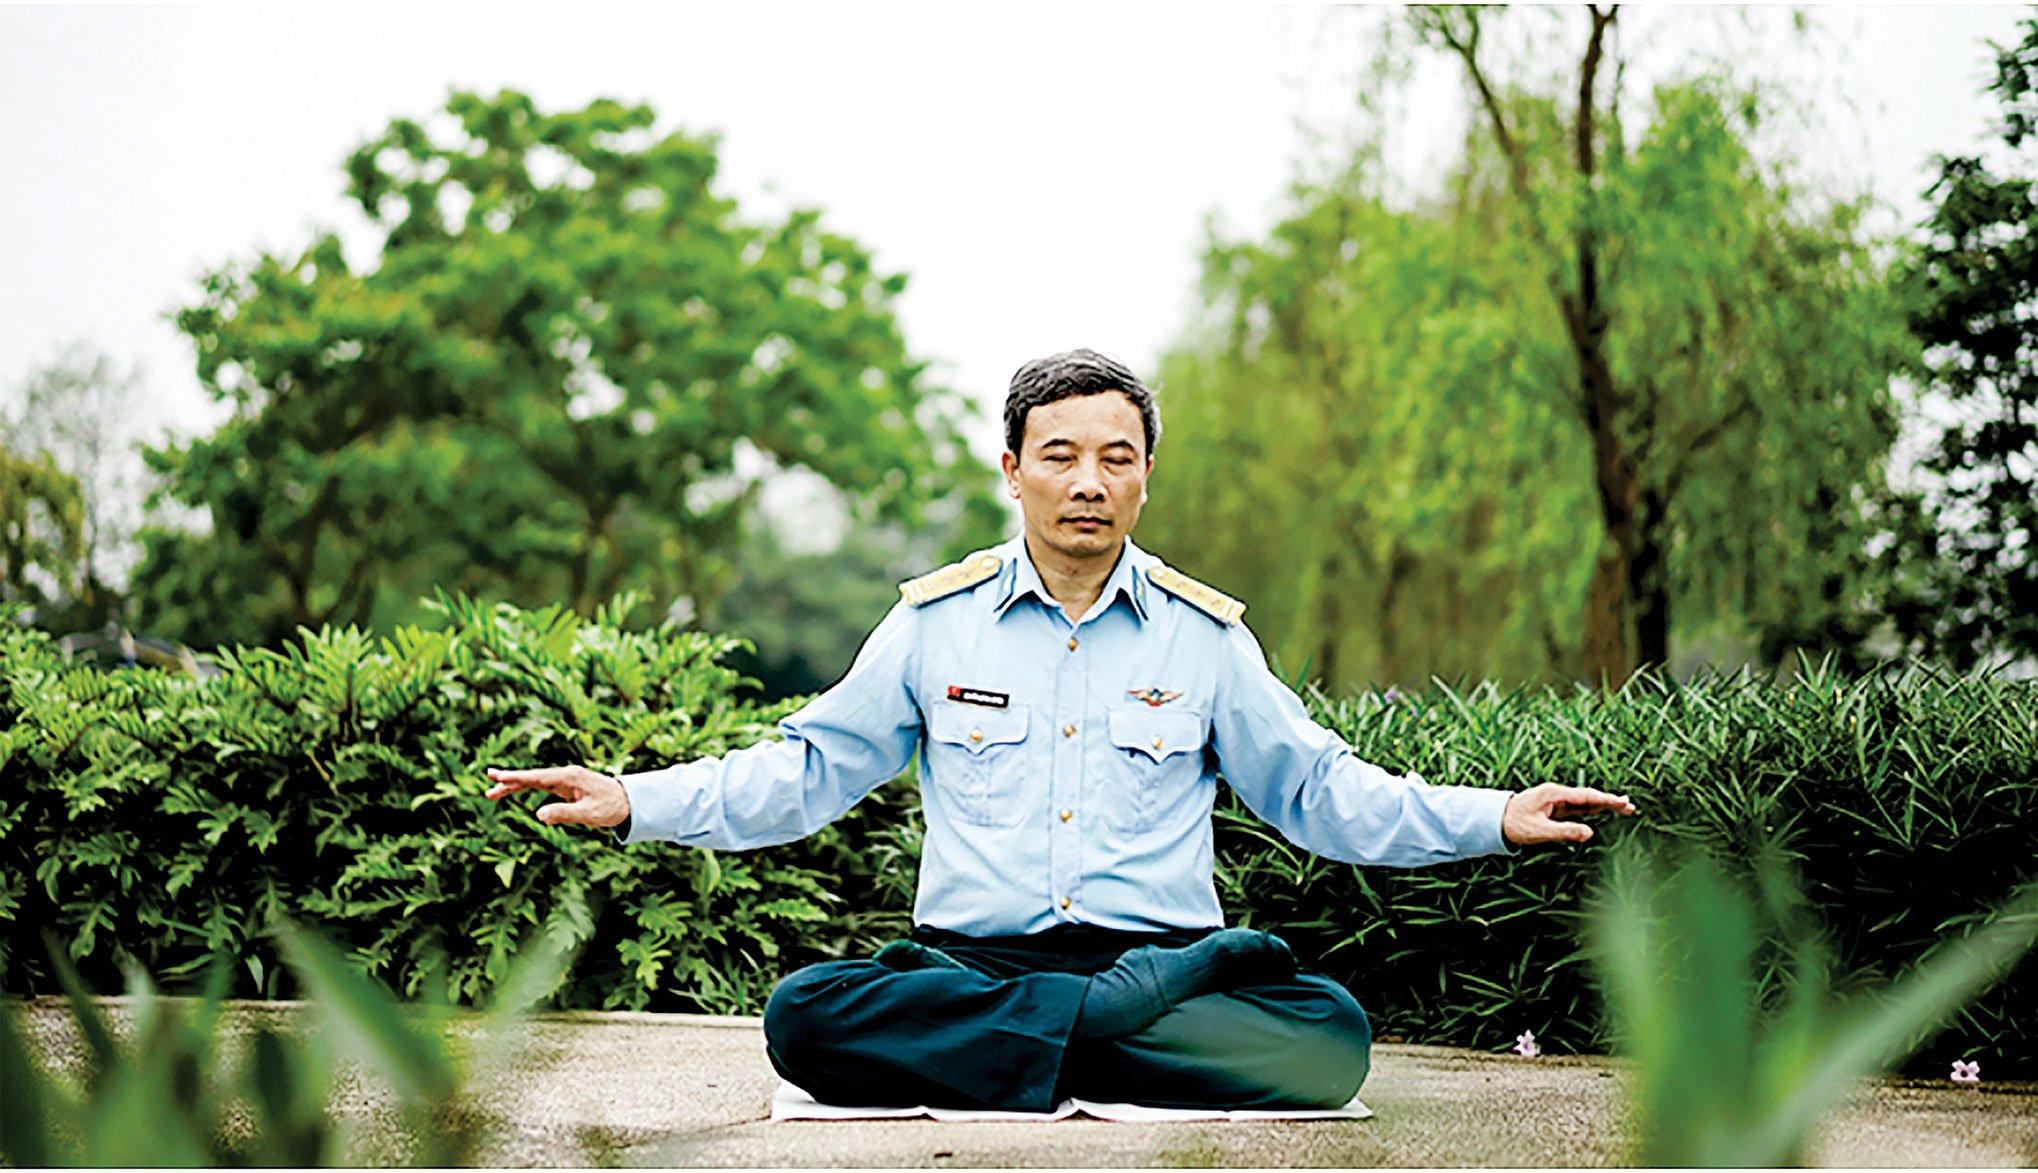 越南空軍中校Quynh Xuyen修煉法輪大法之後,重病全消。(Quynh Xuyen提供)